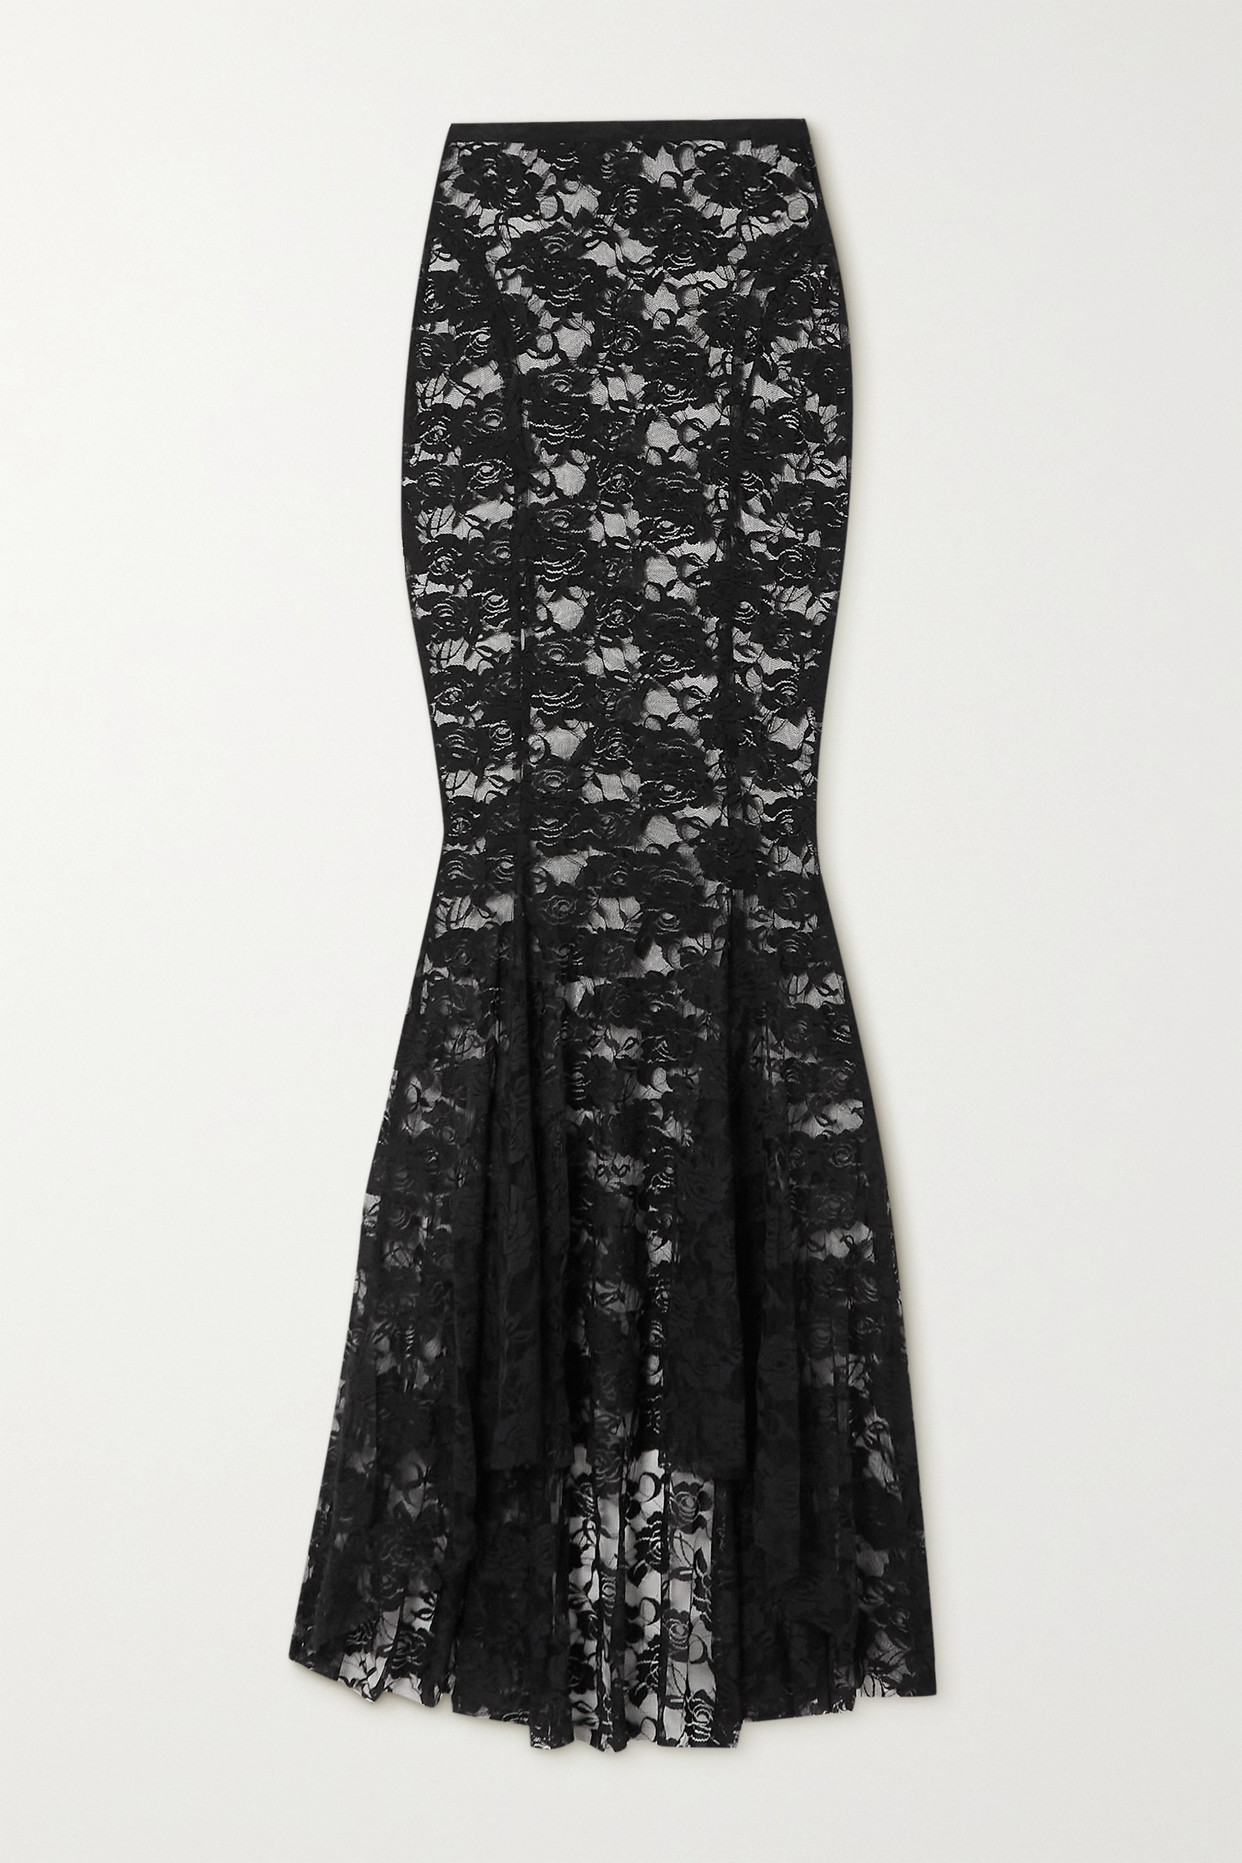 NORMA KAMALI - Lace Maxi Skirt - Black - x small